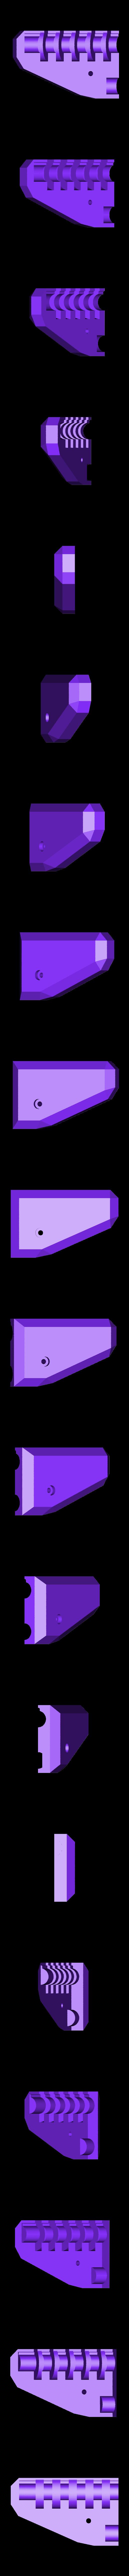 5Top.stl Télécharger fichier STL gratuit Kit de verrouillage de permutation personnalisable (verrouillage à combinaison) • Objet pour impression 3D, plasticpasta